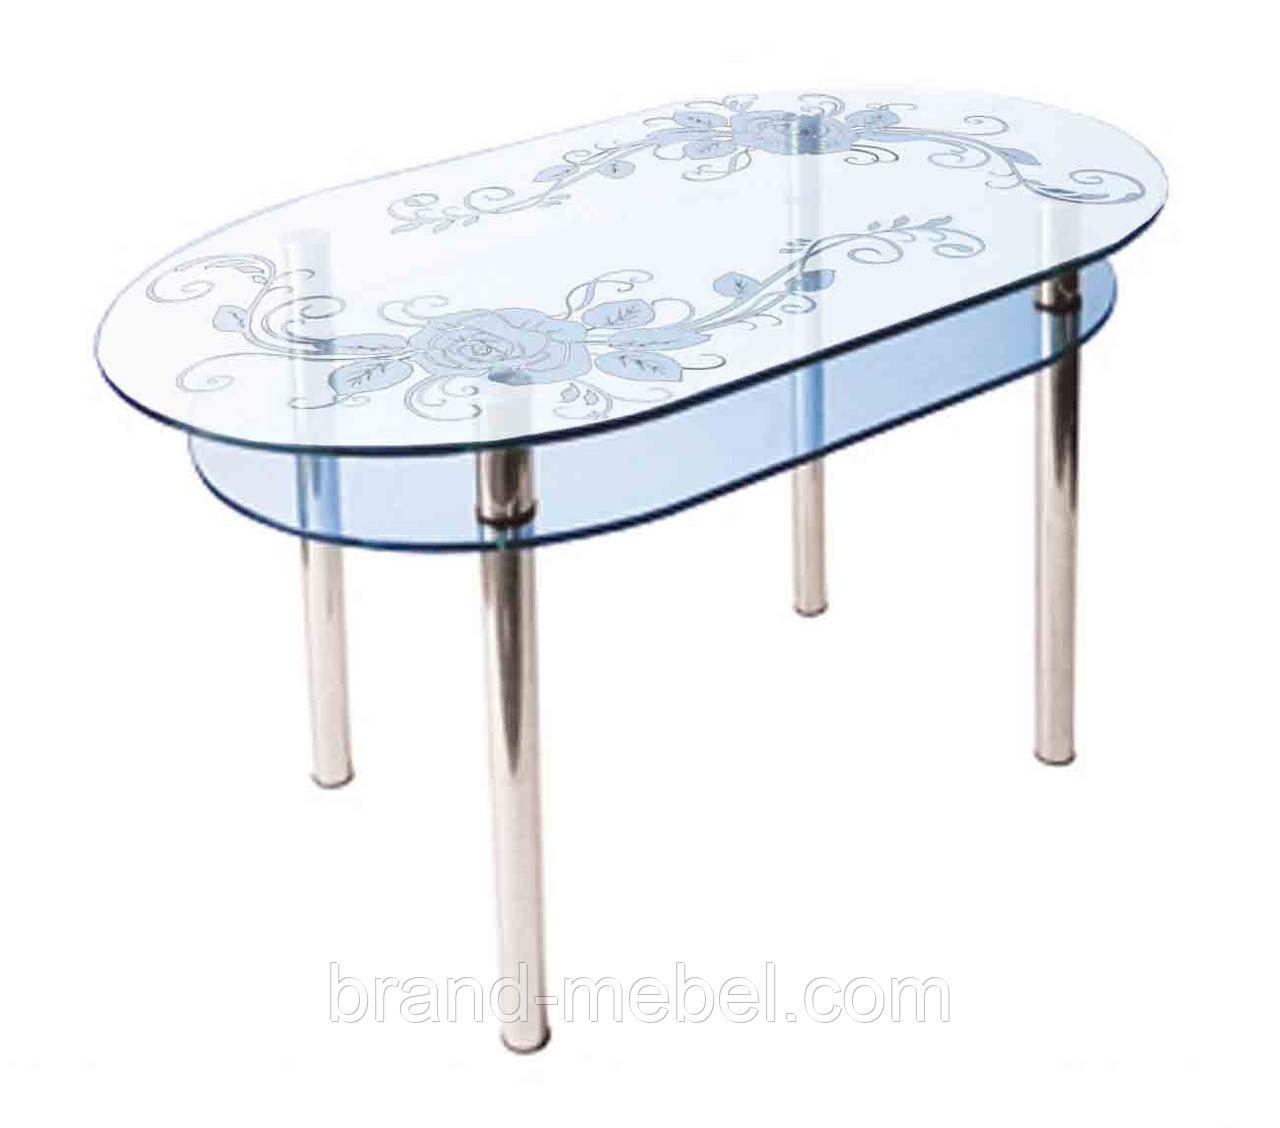 Стол стеклянный КС-6 пескоструй